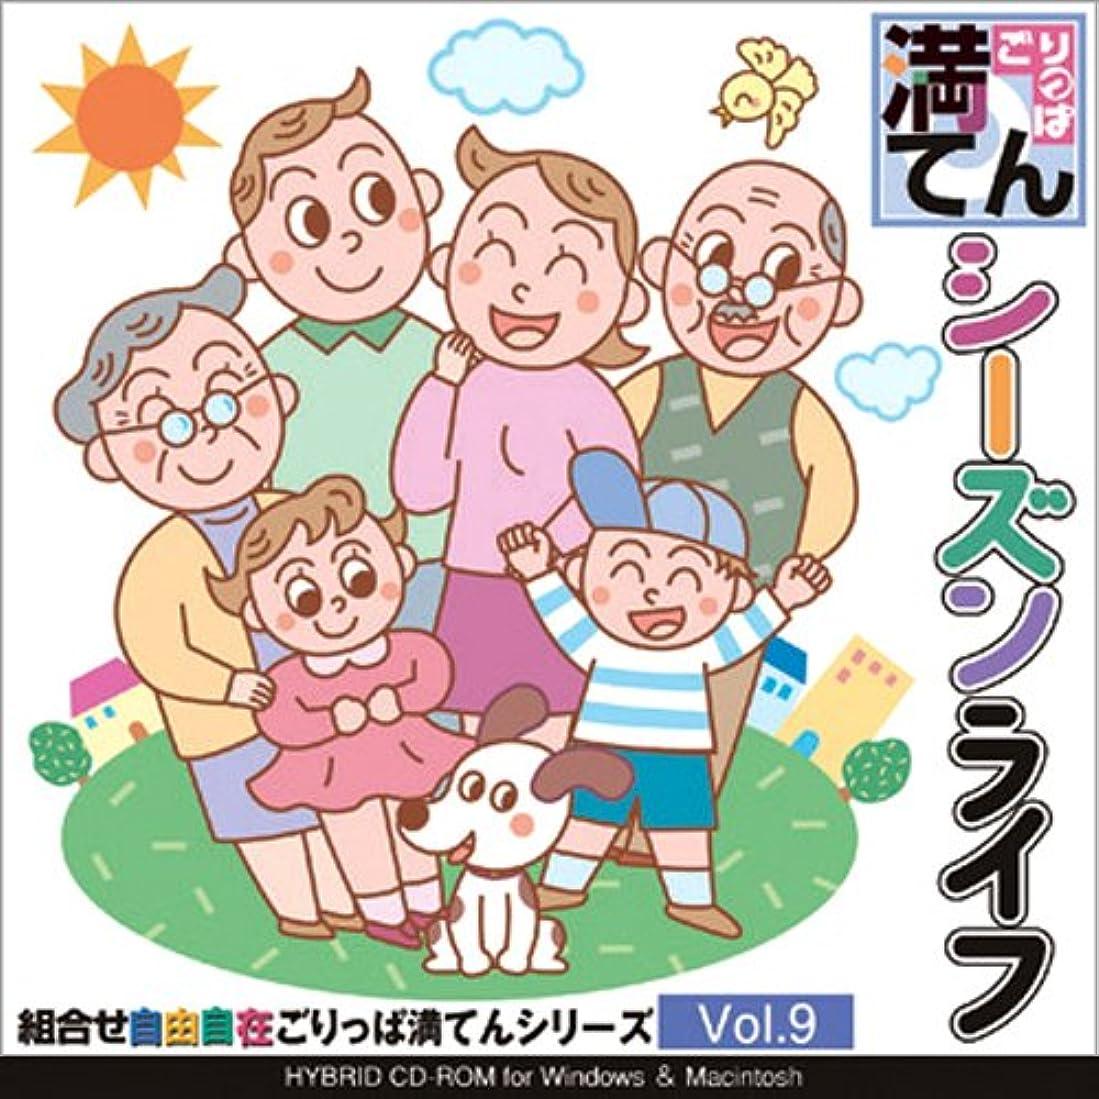 ごりっぱ満てんシリーズ Vol.9 シーズンライフ